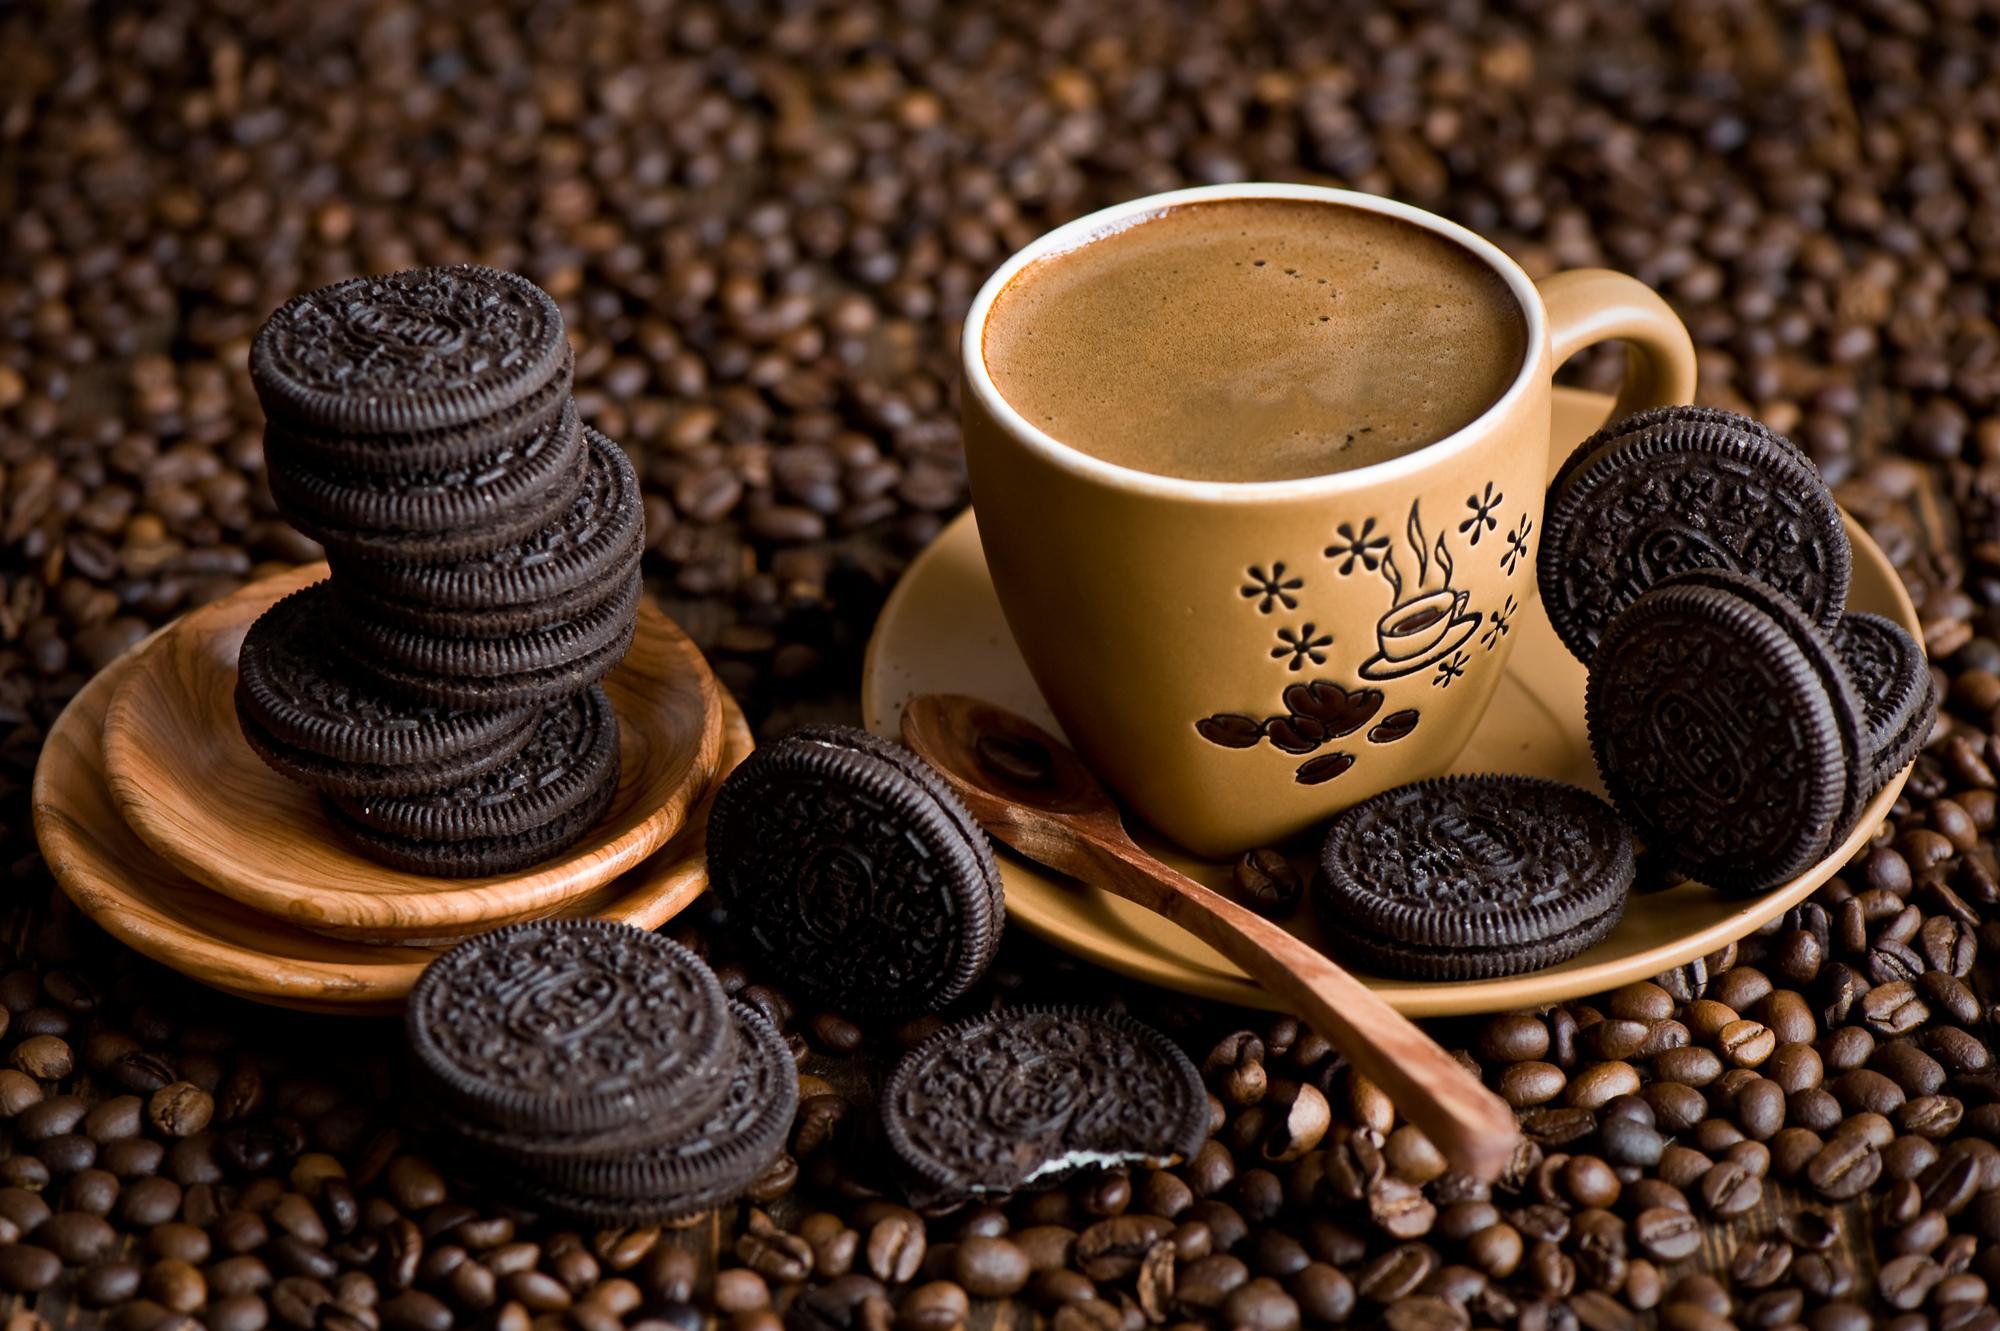 кофе чашка блюдце  № 2172636 бесплатно